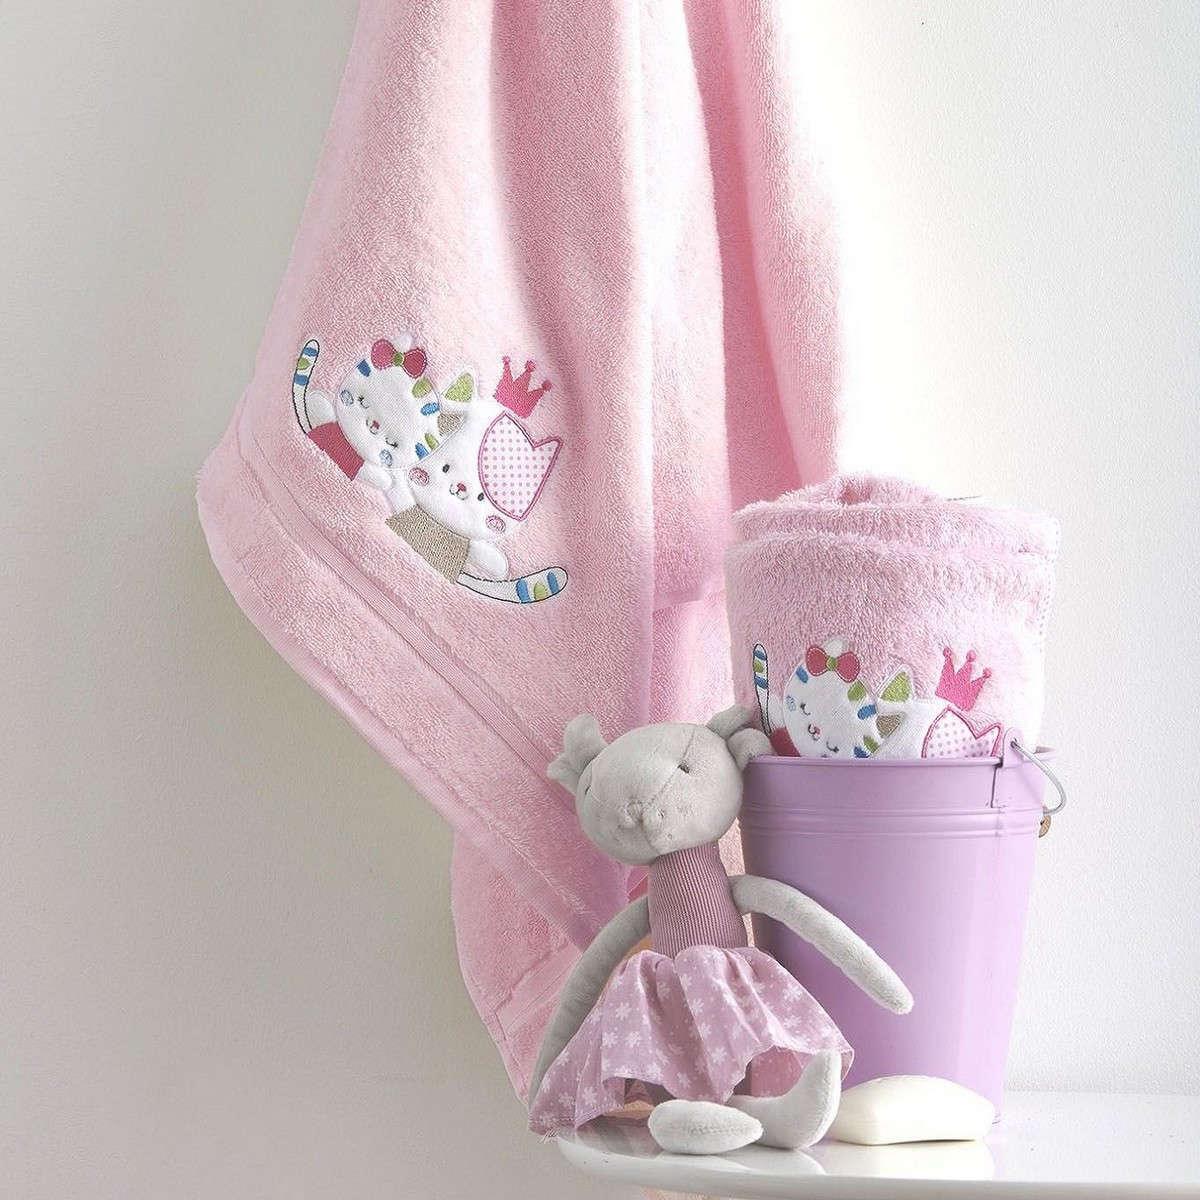 Πετσέτες Σετ Βρεφικές 2Τεμ. Με Κέντημα Gattino Pink Sb Home Σετ Πετσέτες